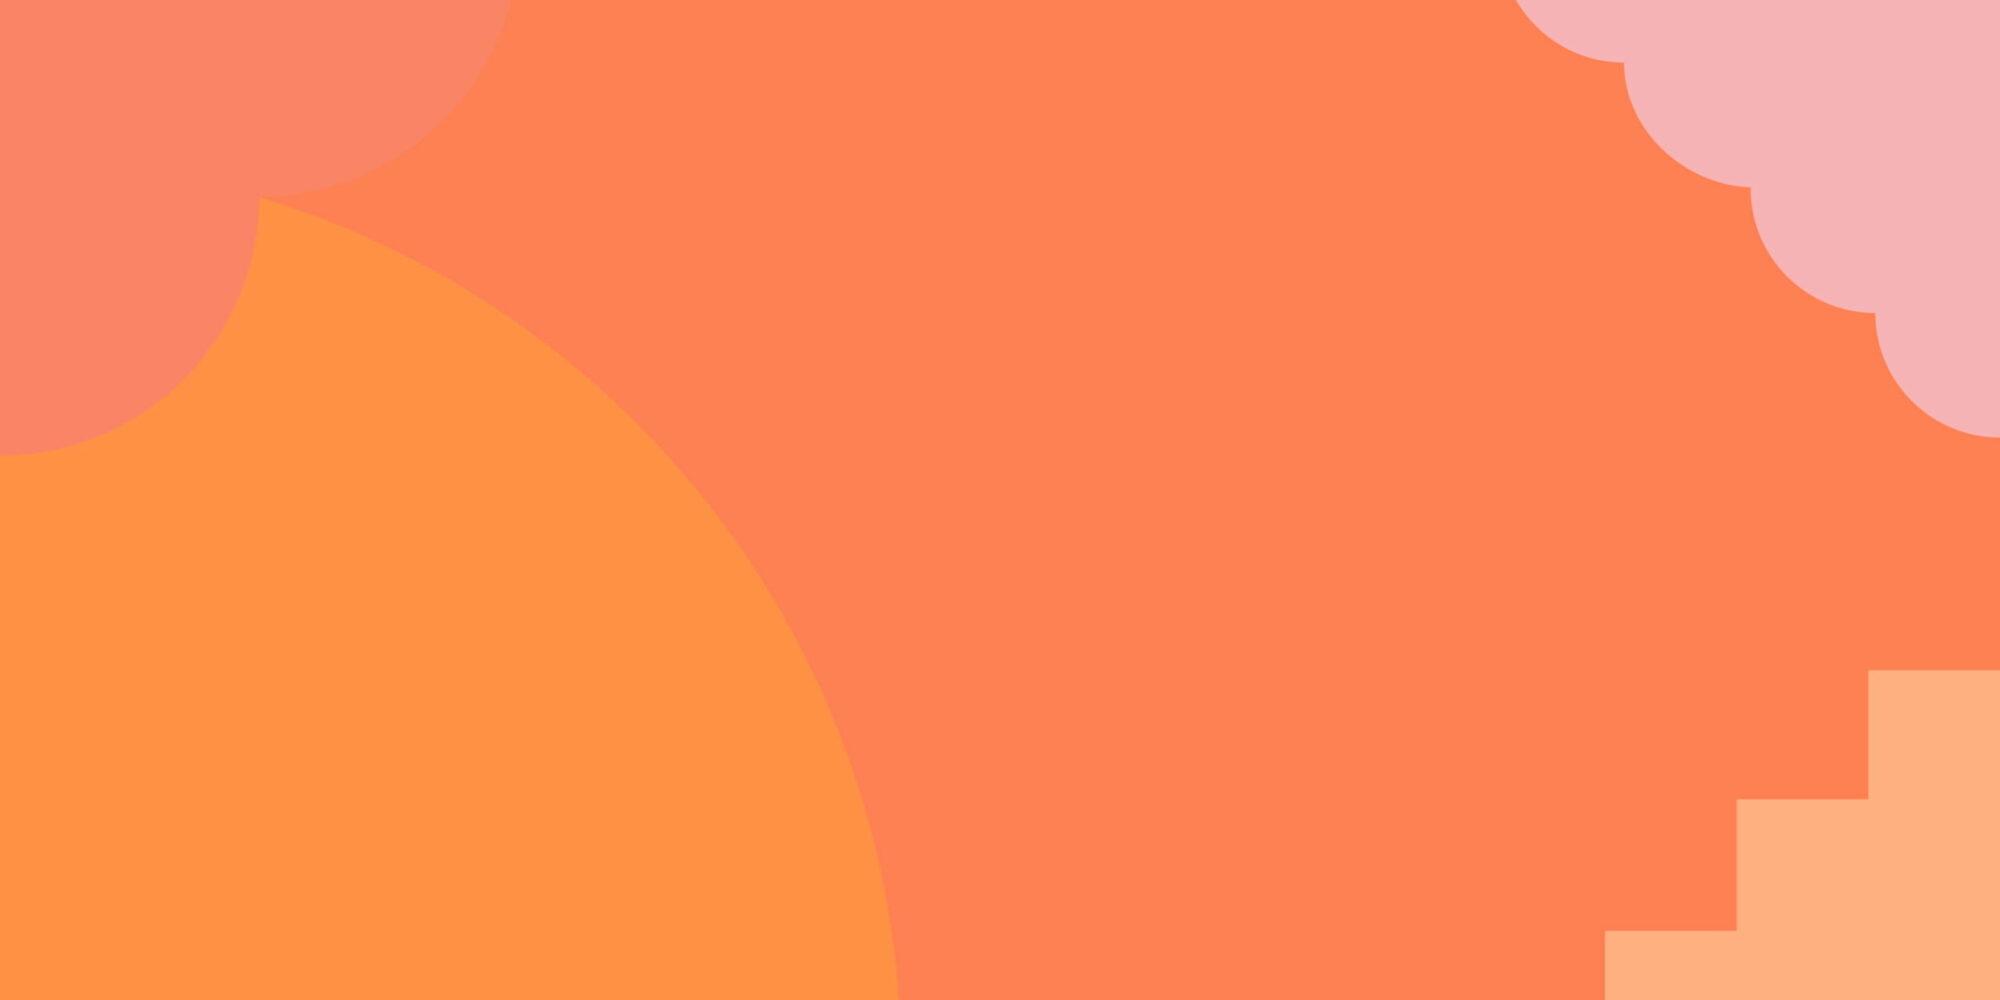 Fem tjejer klädda i svart tittar in i kameran.